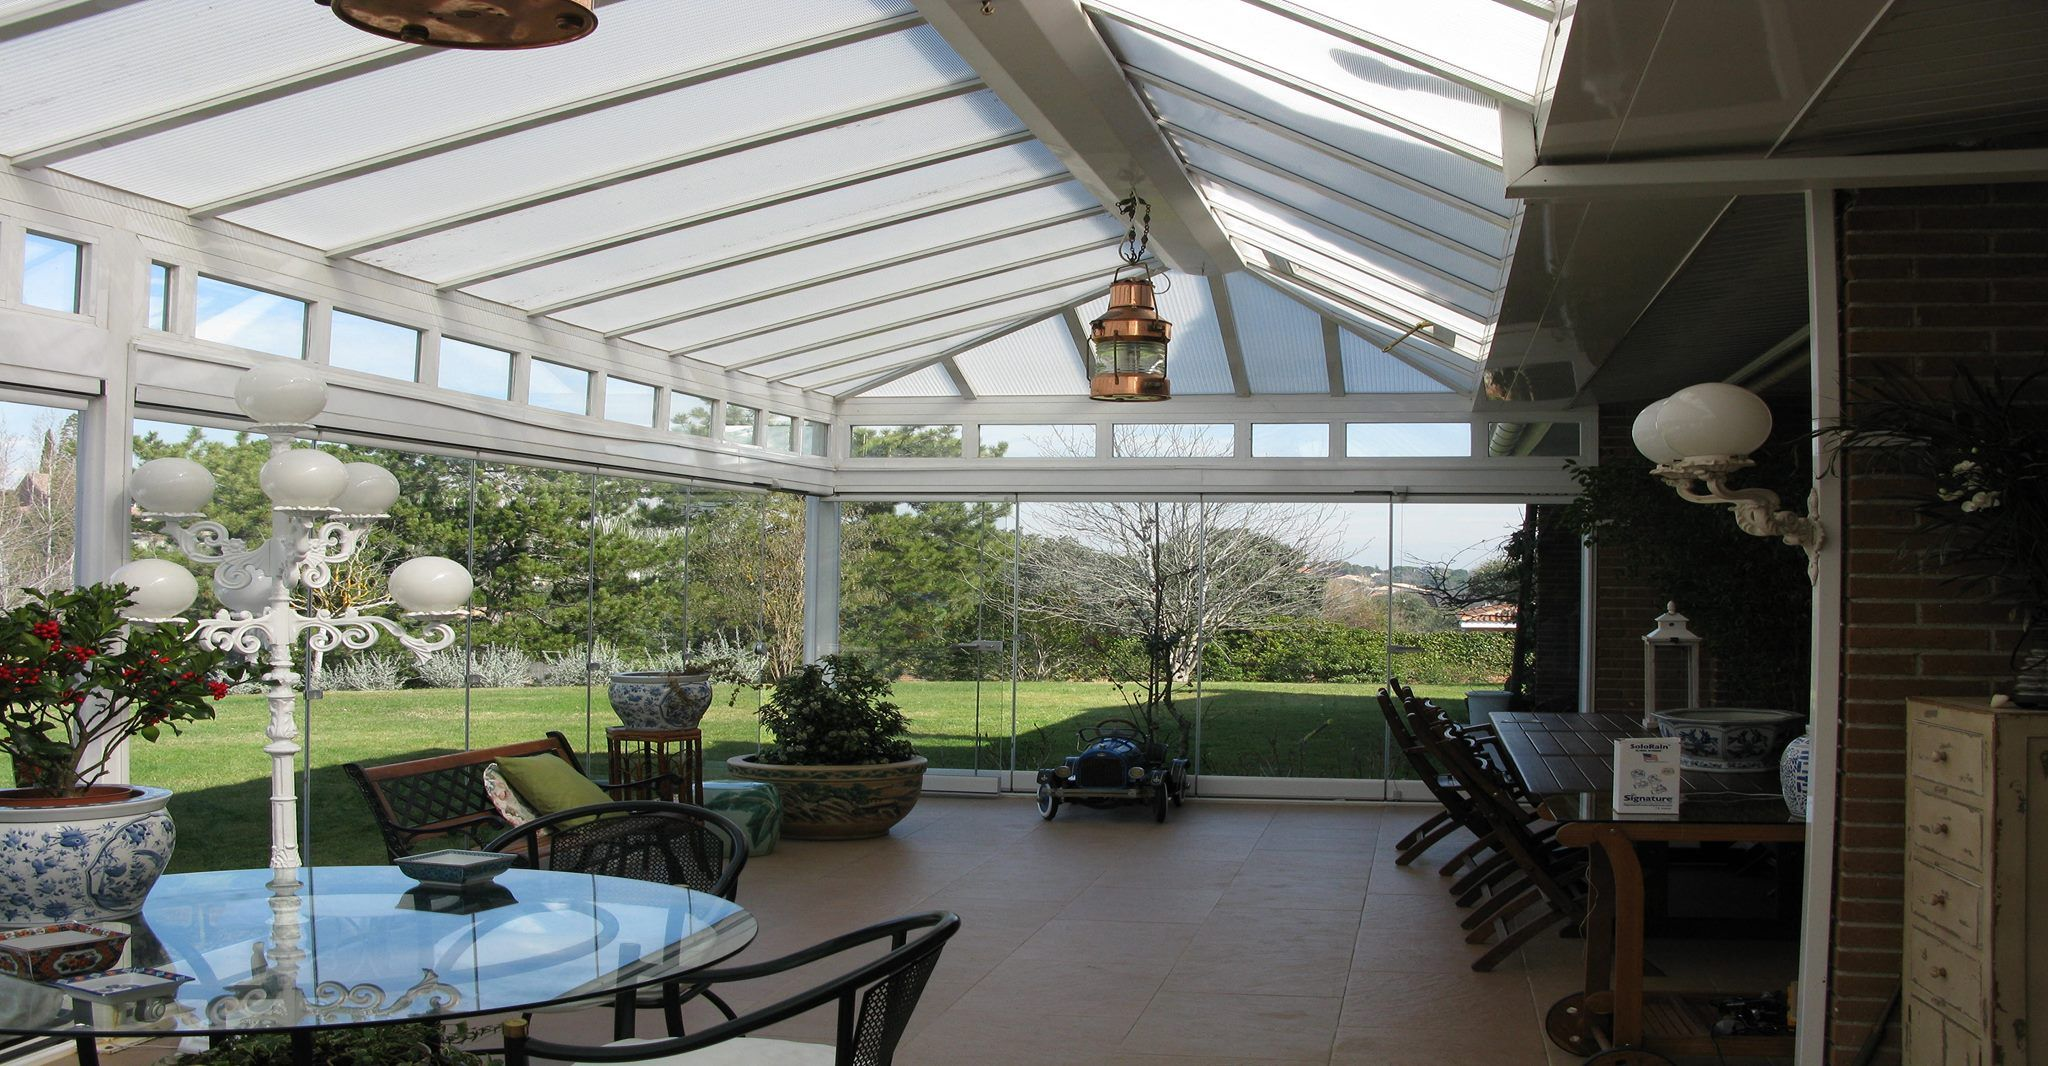 Avance de terraza estructura de aluminio con cobertura de - Estructuras de aluminio para terrazas ...